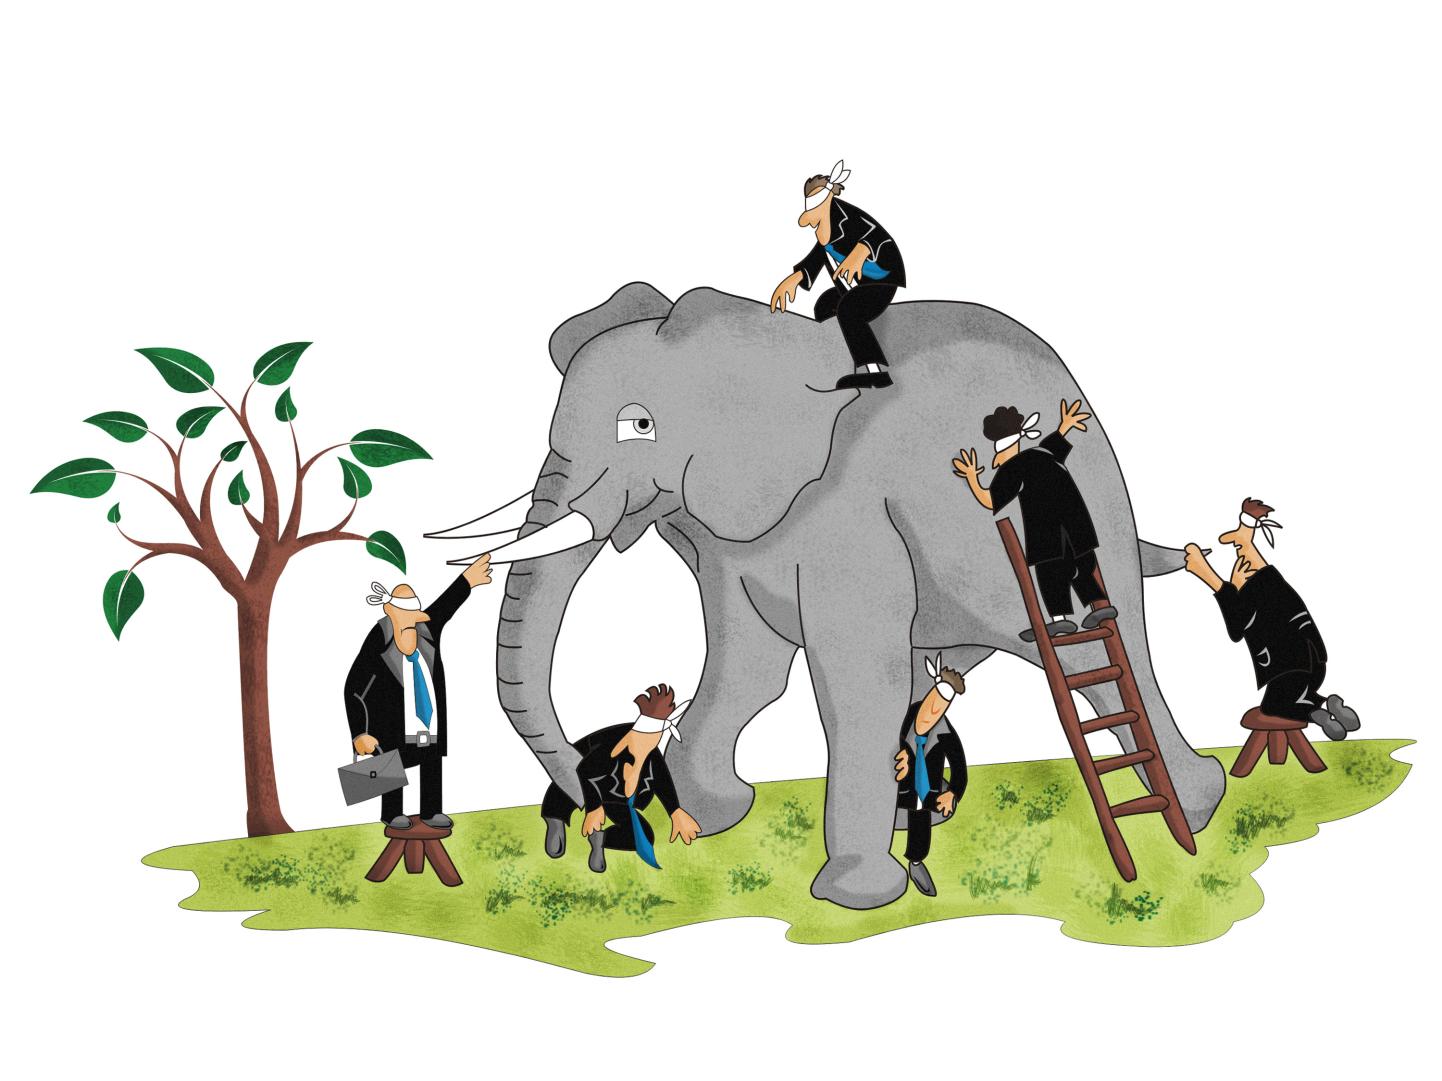 Medijska pismenost: Slepci in slon